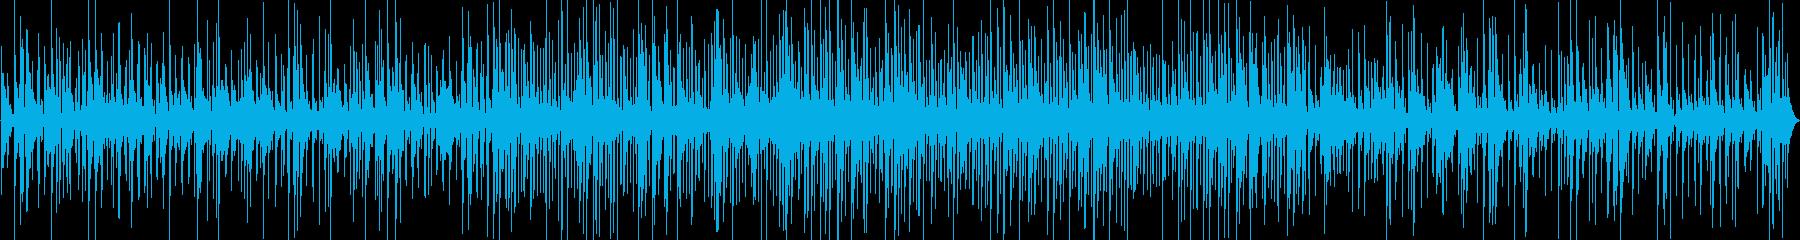 バーで流れる大人でおしゃれなジャズピアノの再生済みの波形